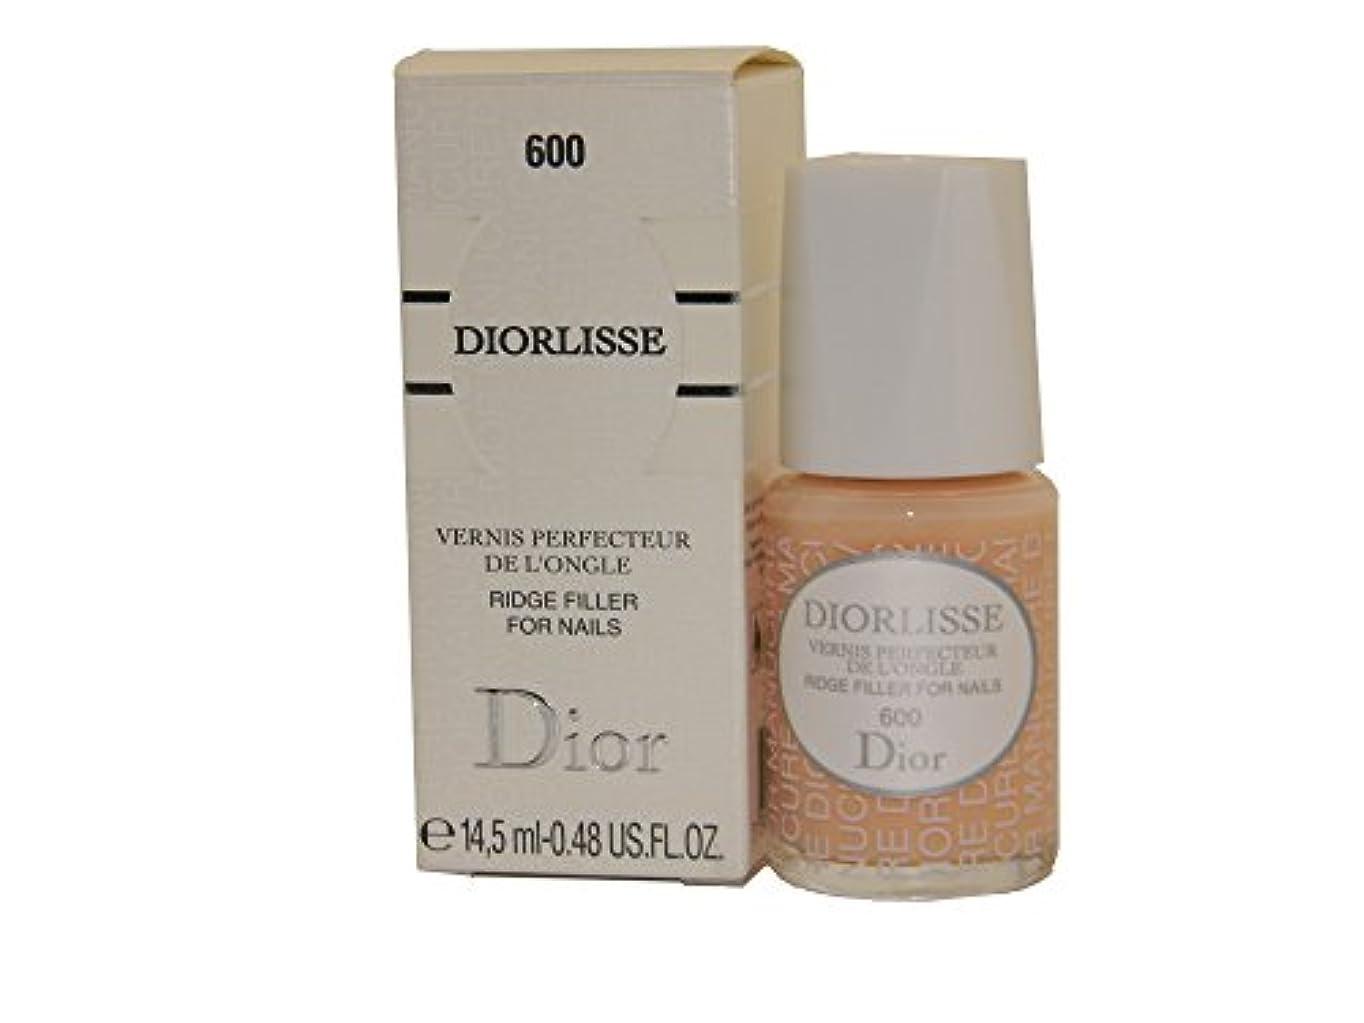 銀汚染する近々Dior Diorlisse Ridge Filler For Nail 600(ディオールリス リッジフィラー フォーネイル 600)[海外直送品] [並行輸入品]